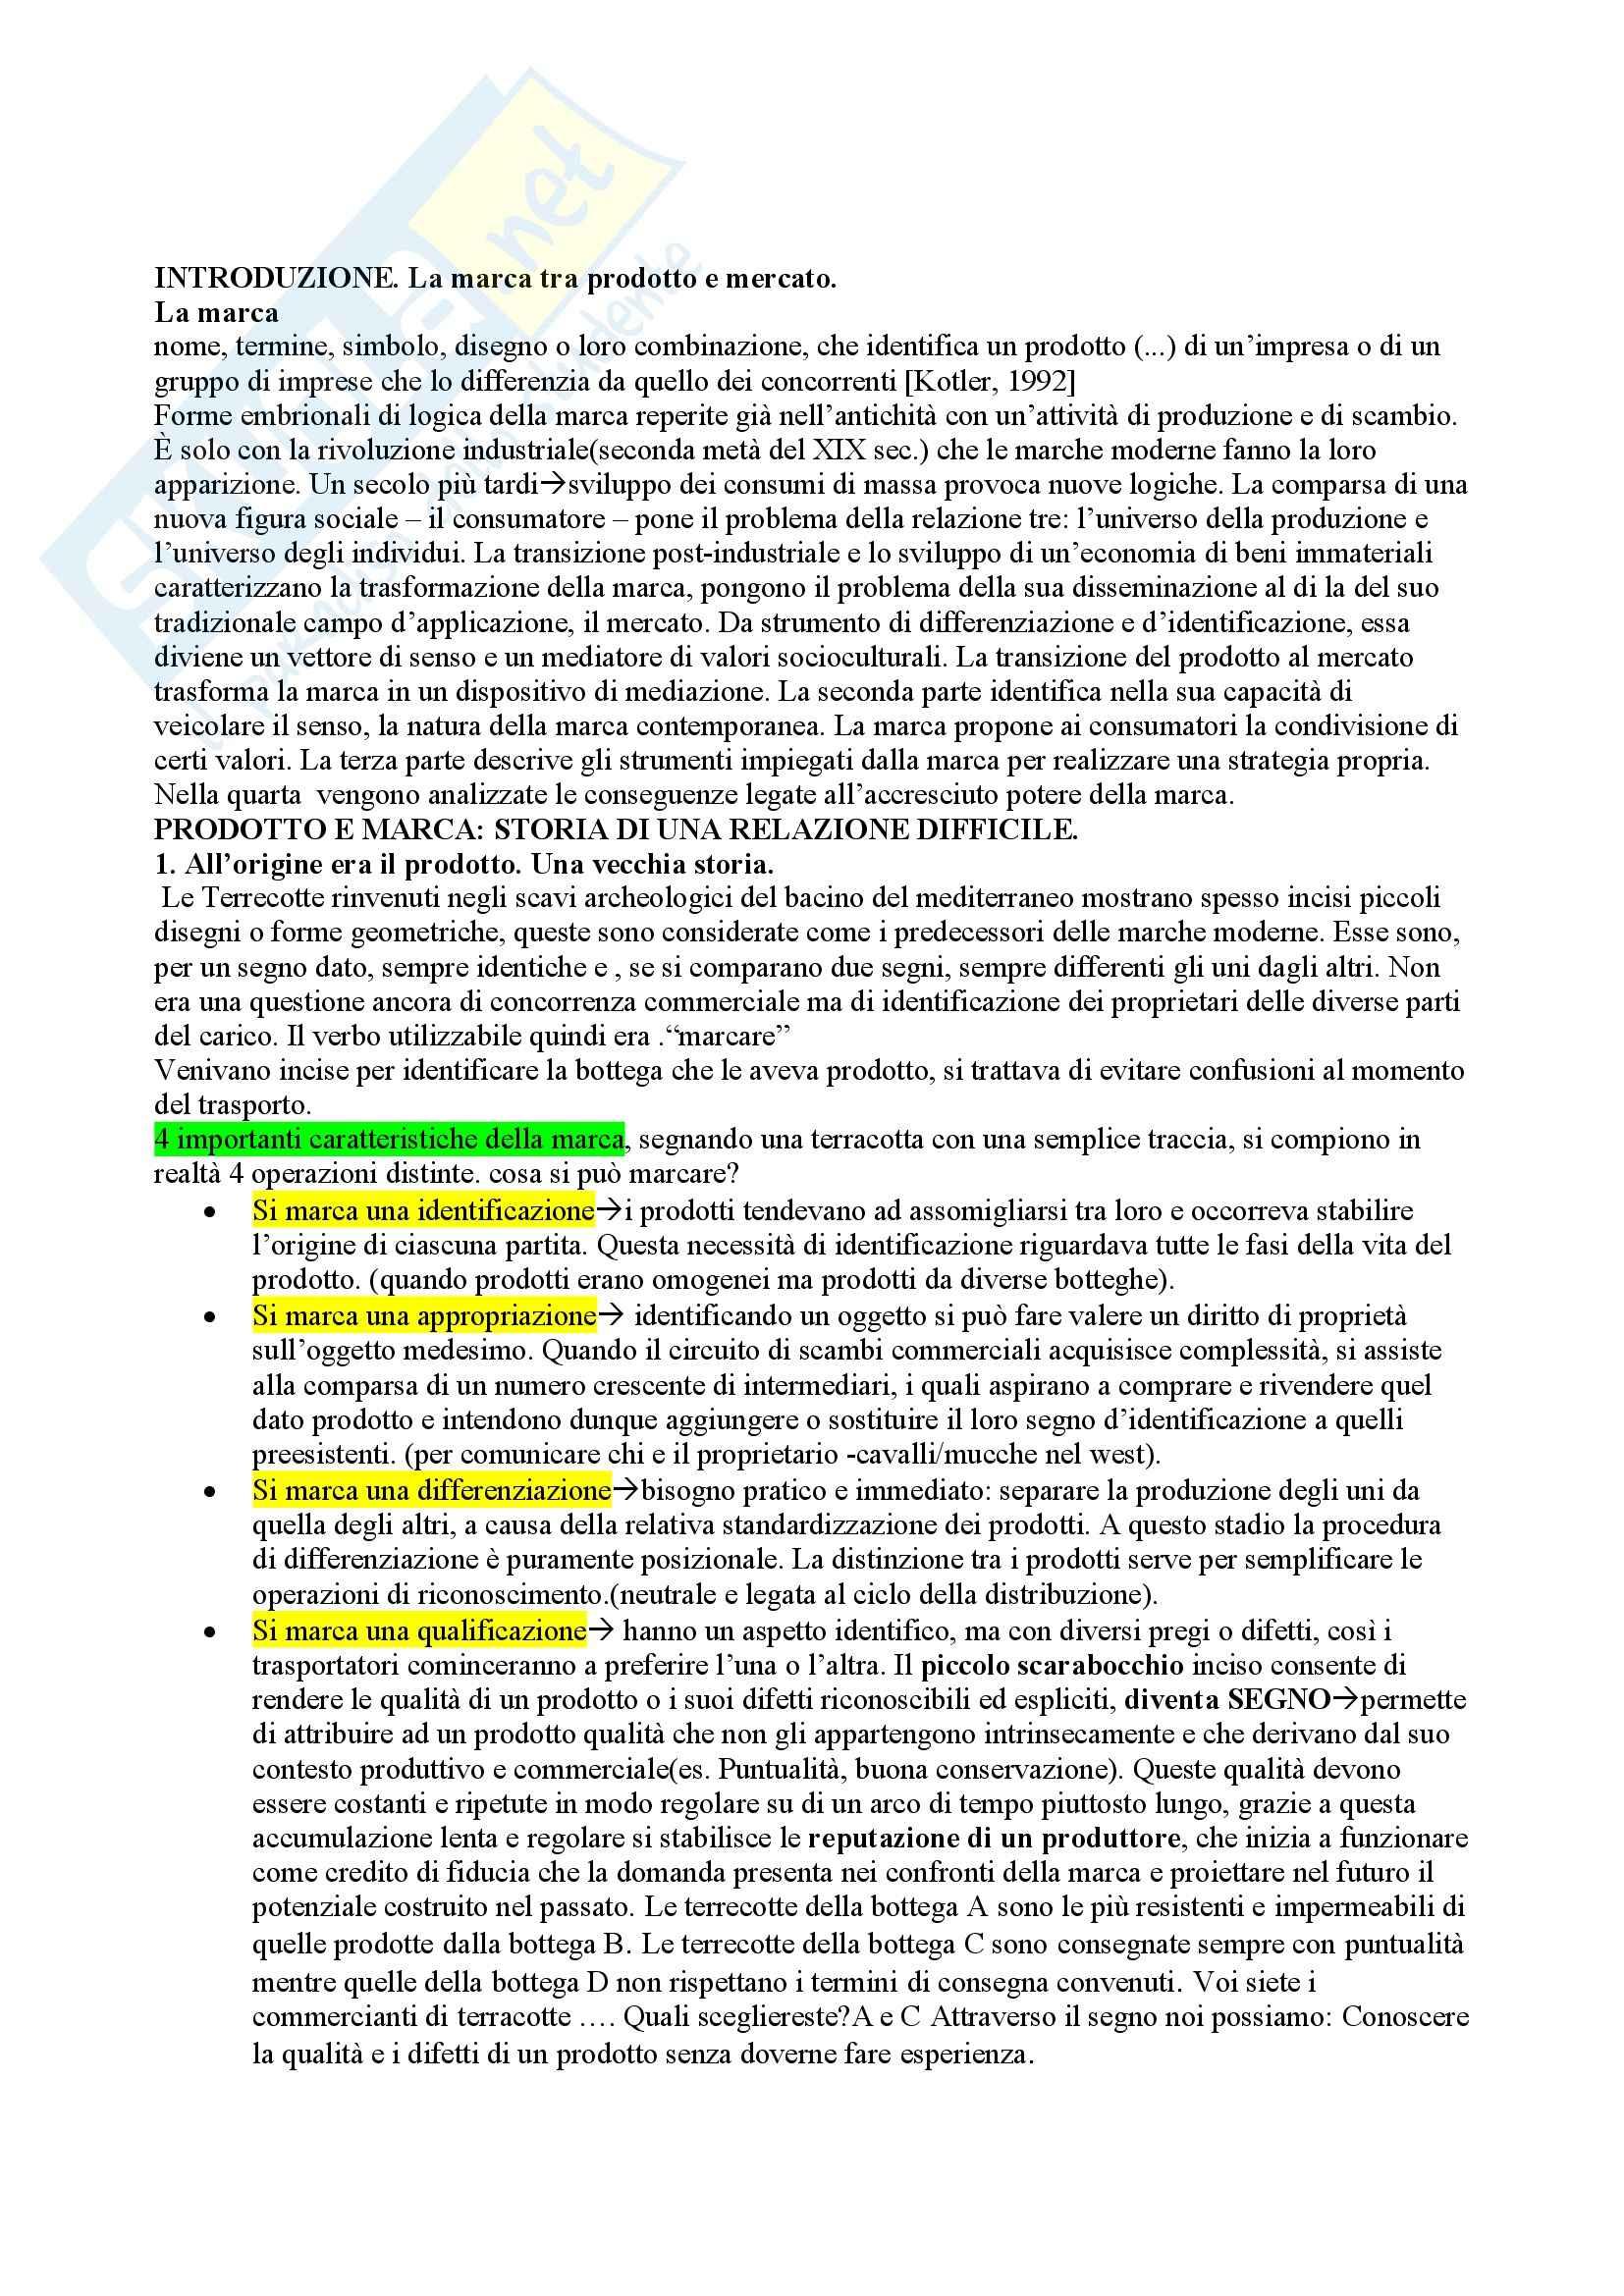 Riassunto esame Economia, prof. Qualizza, libro consigliato La marca: Dal prodotto al mercato, dal mercato alla società, Semprini